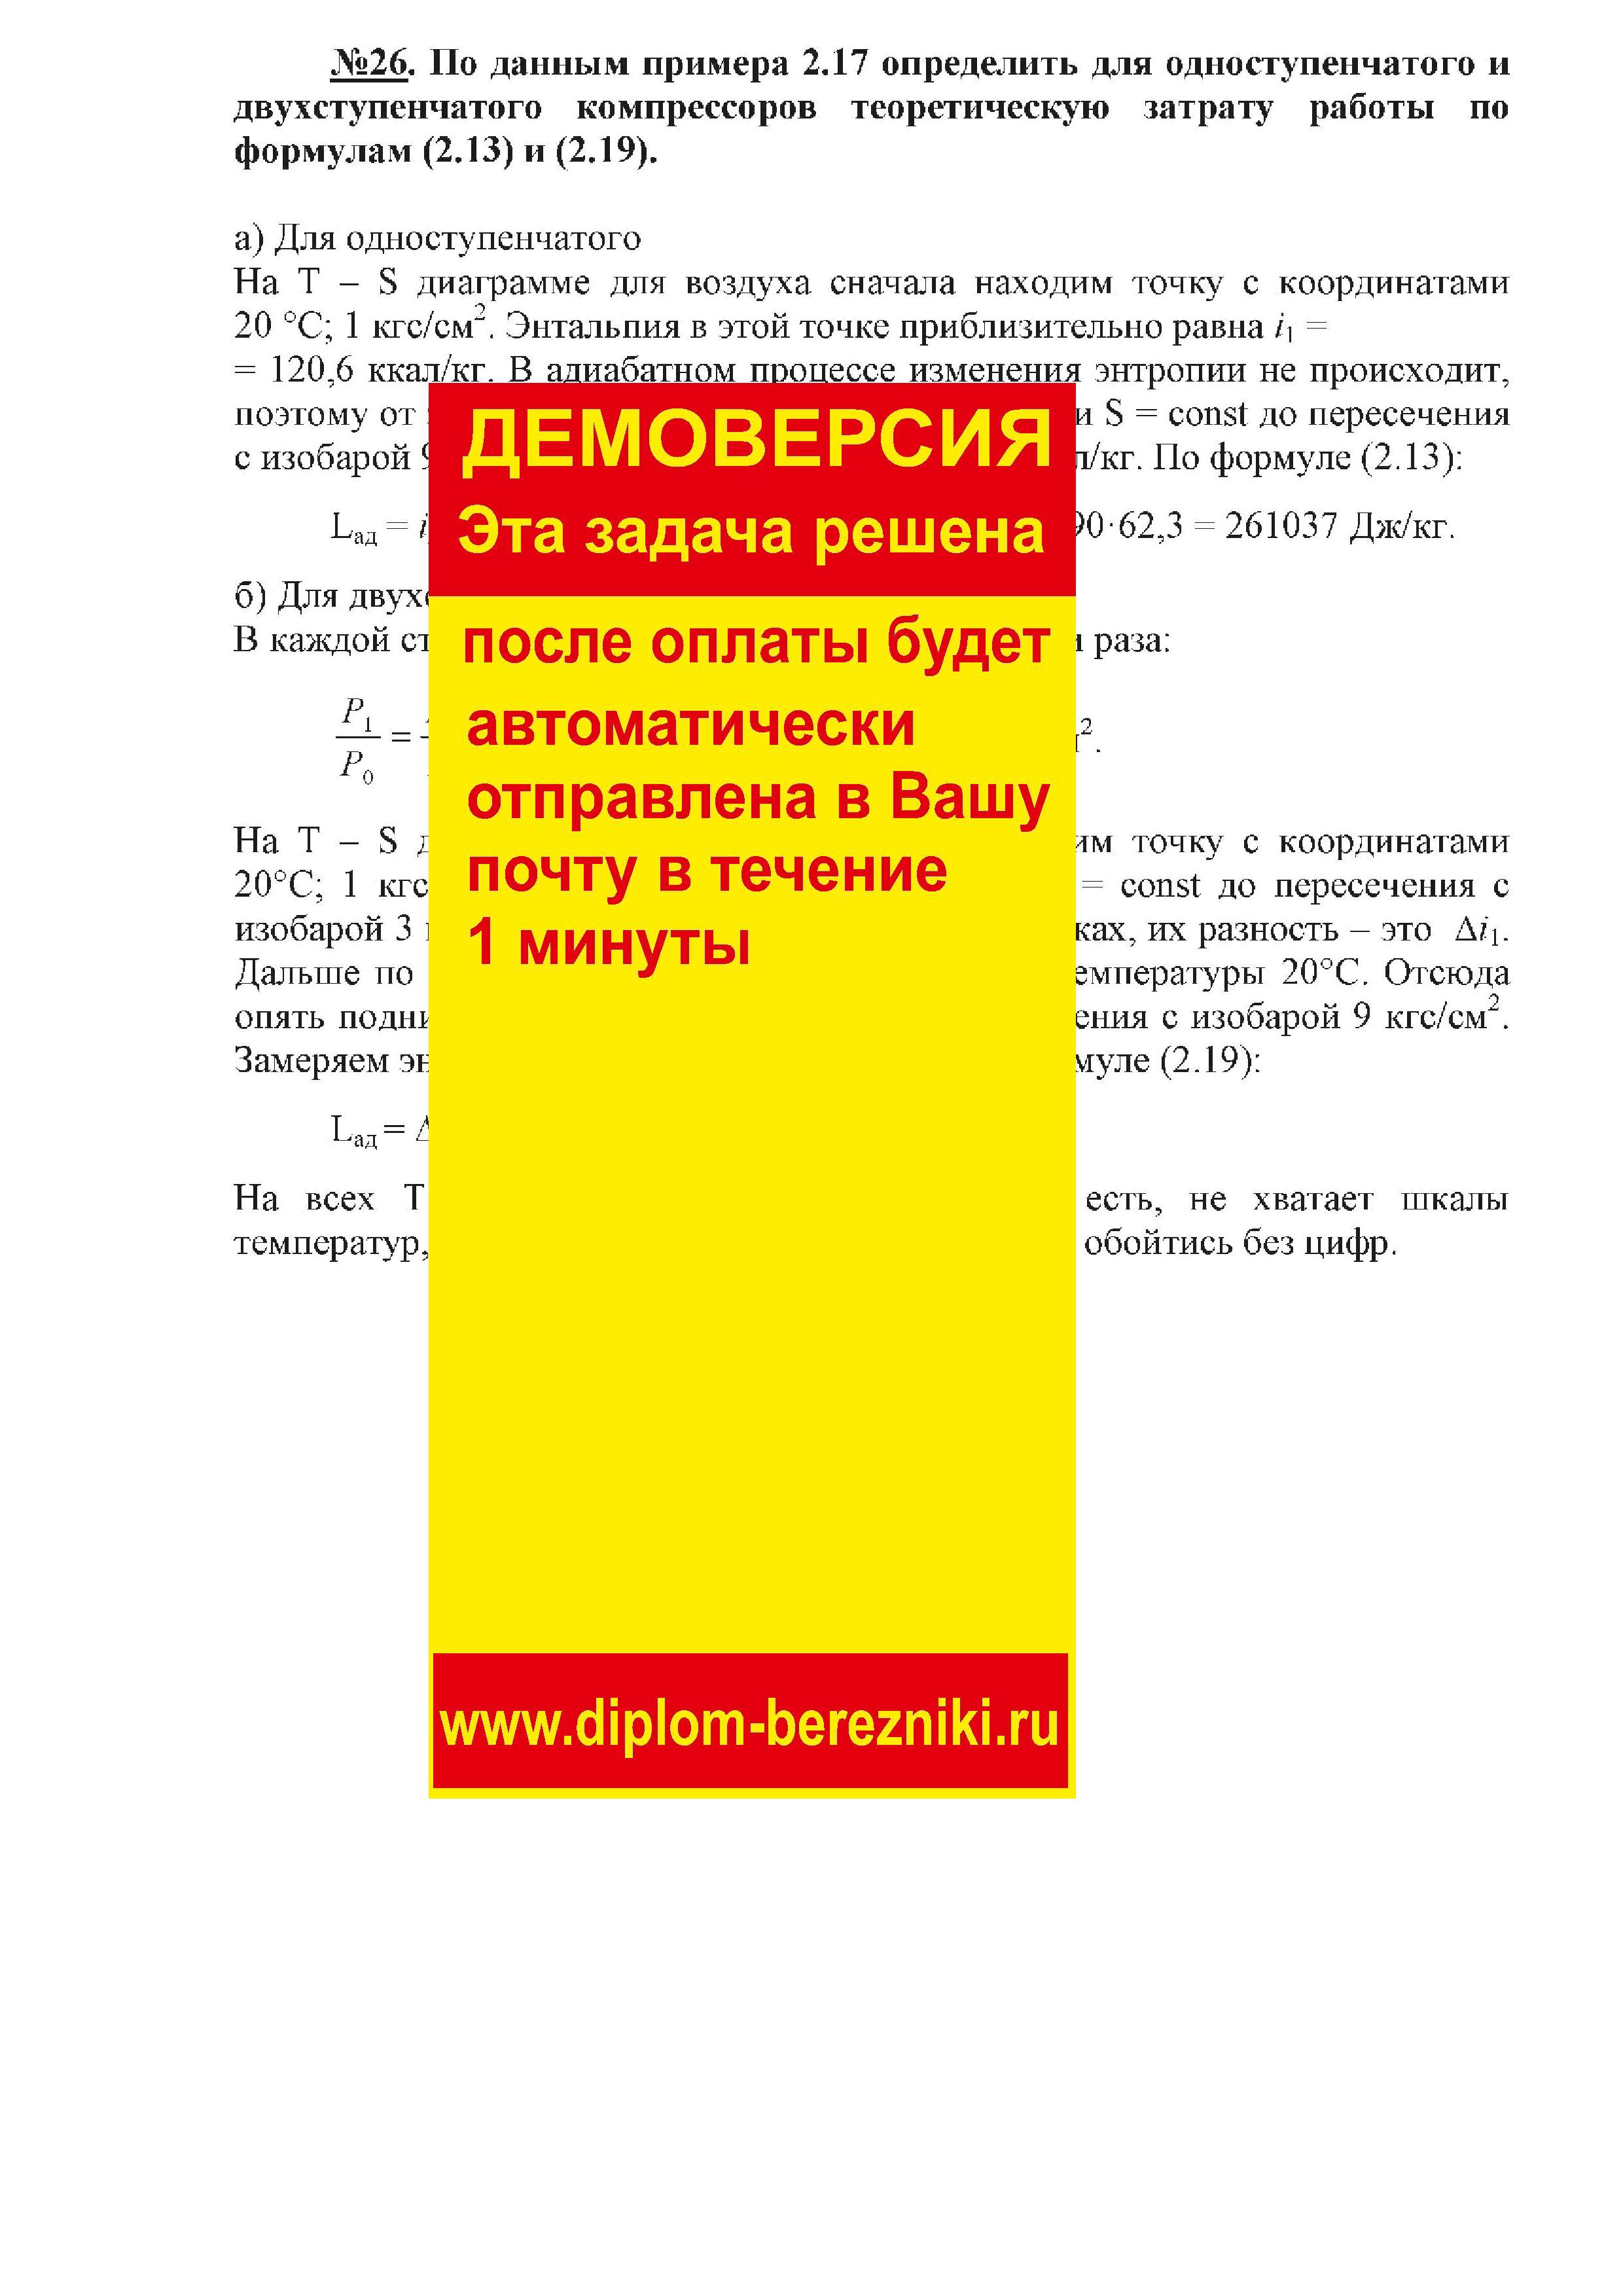 Решение задачи 2.26 по ПАХТ из задачника Павлова Романкова Носкова